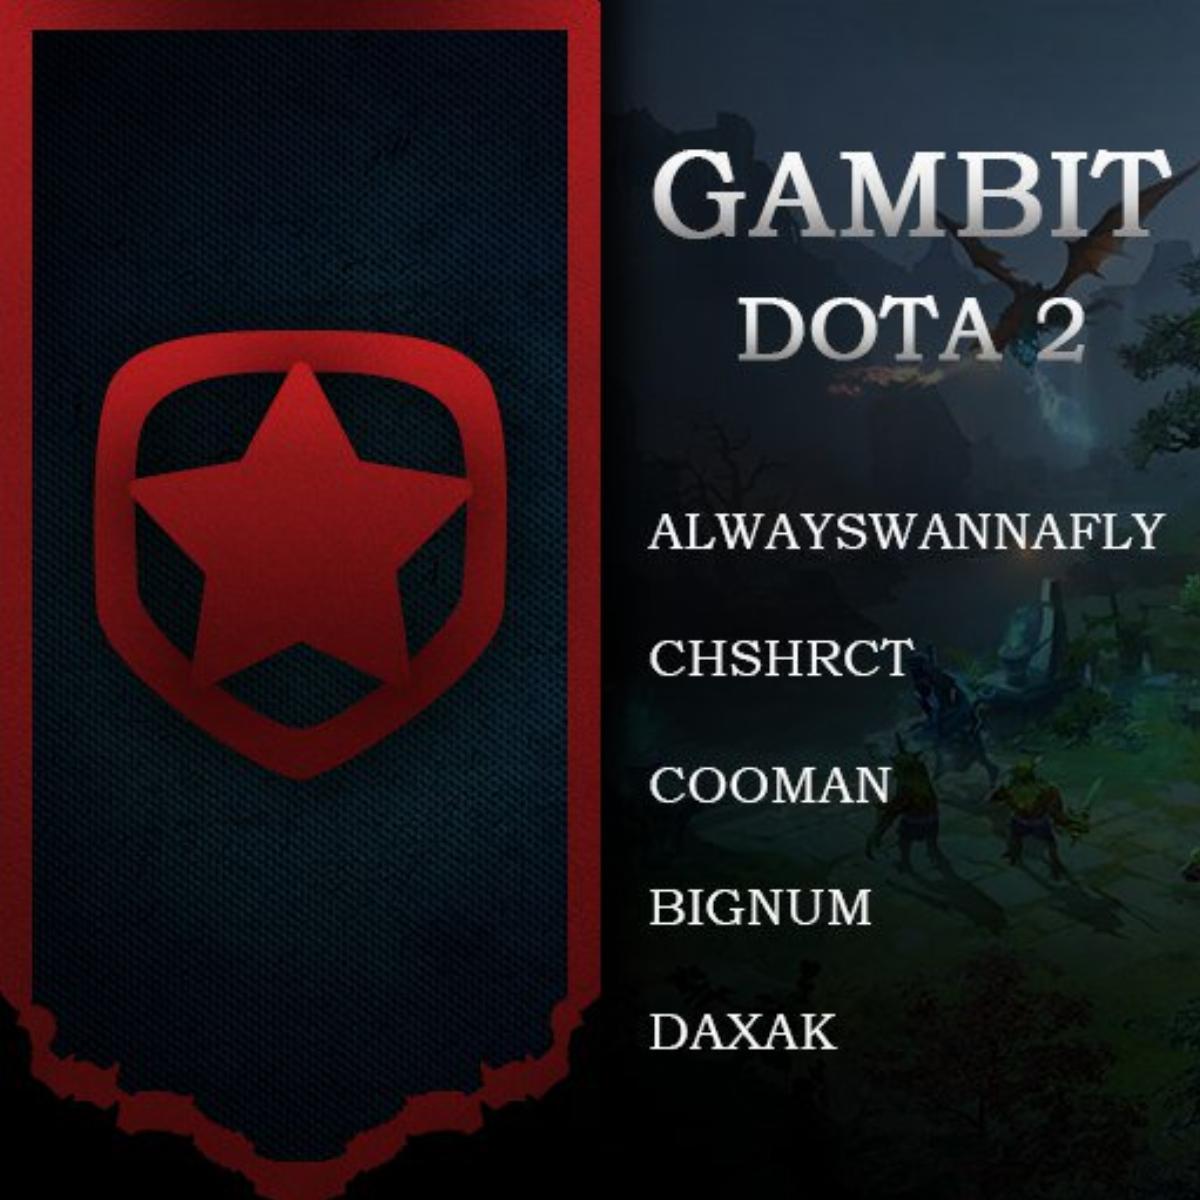 Gambit dota 2, ferzee dota 2,